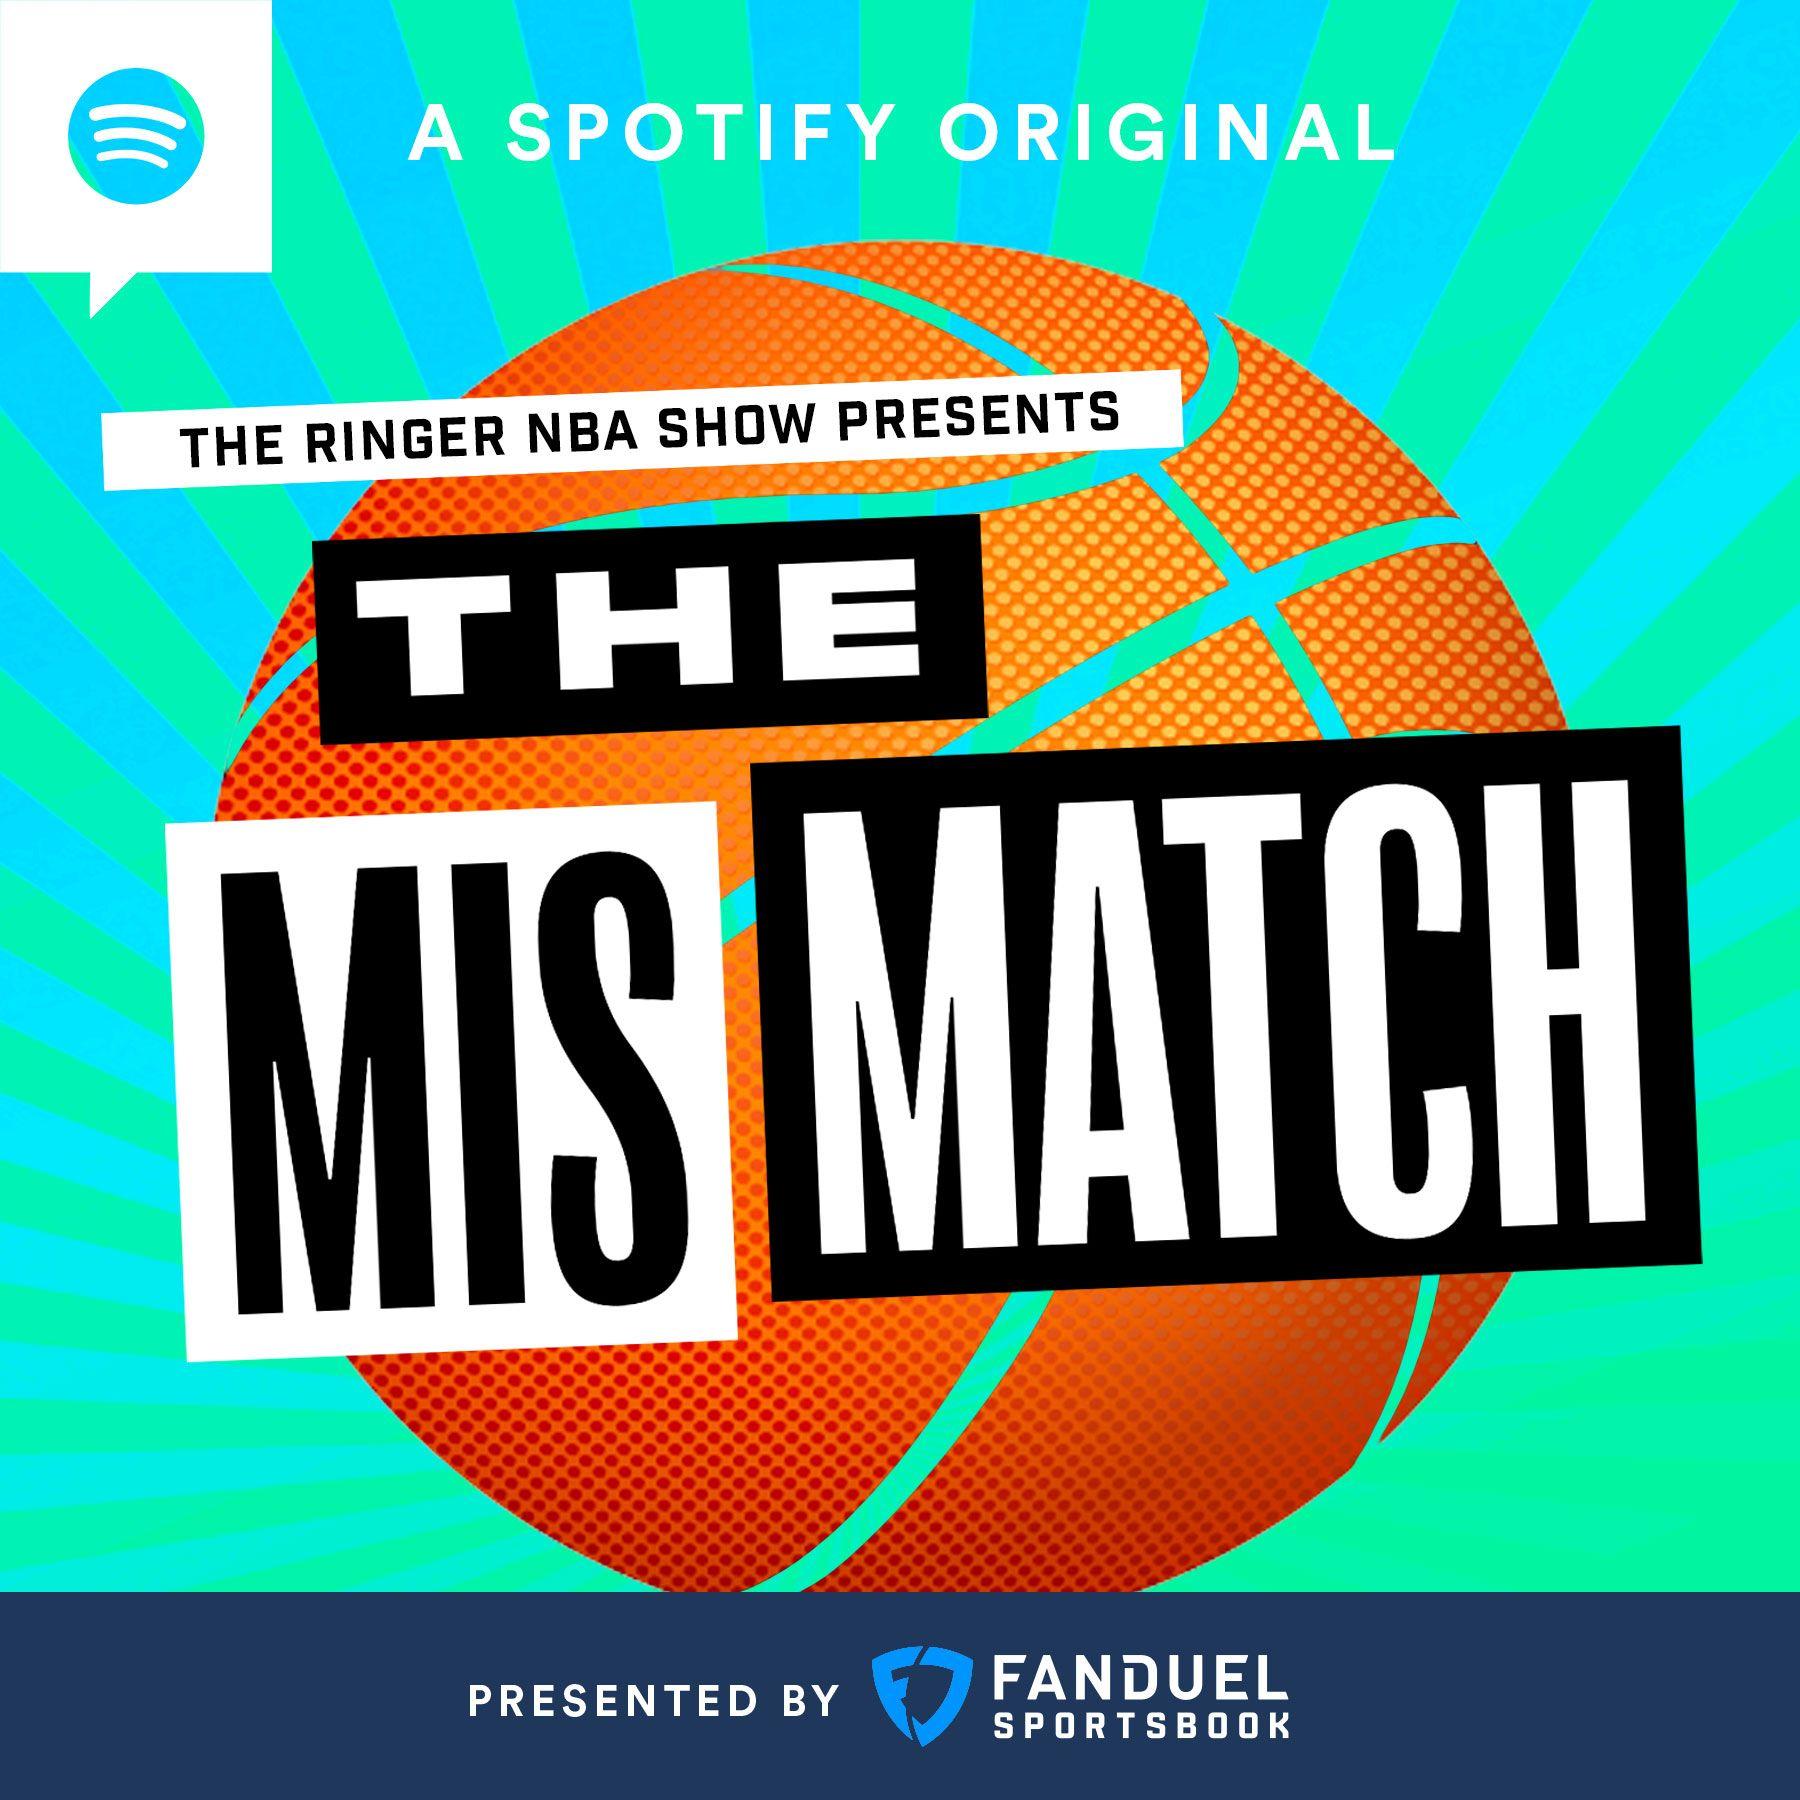 The Mismatch podcast